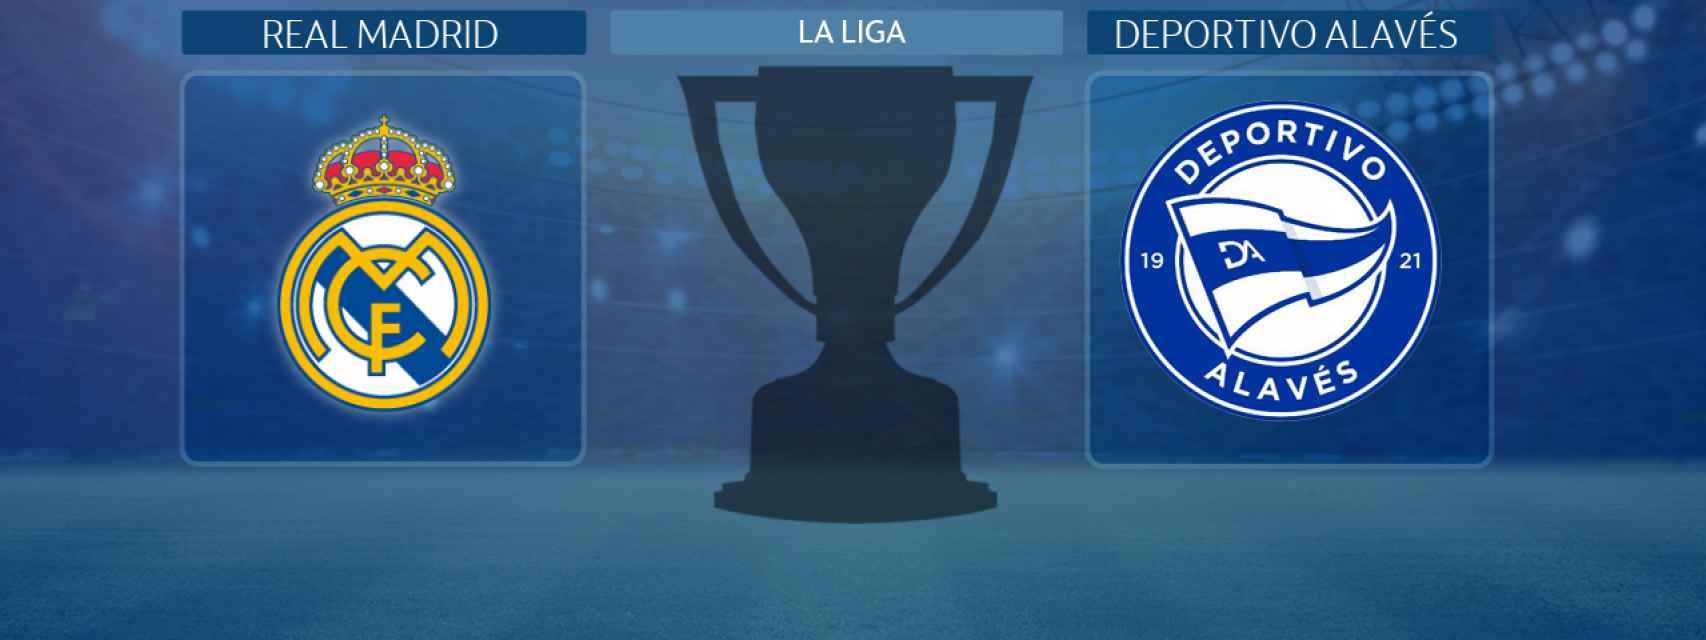 Real Madrid - Deportivo Alavés, partido de La Liga